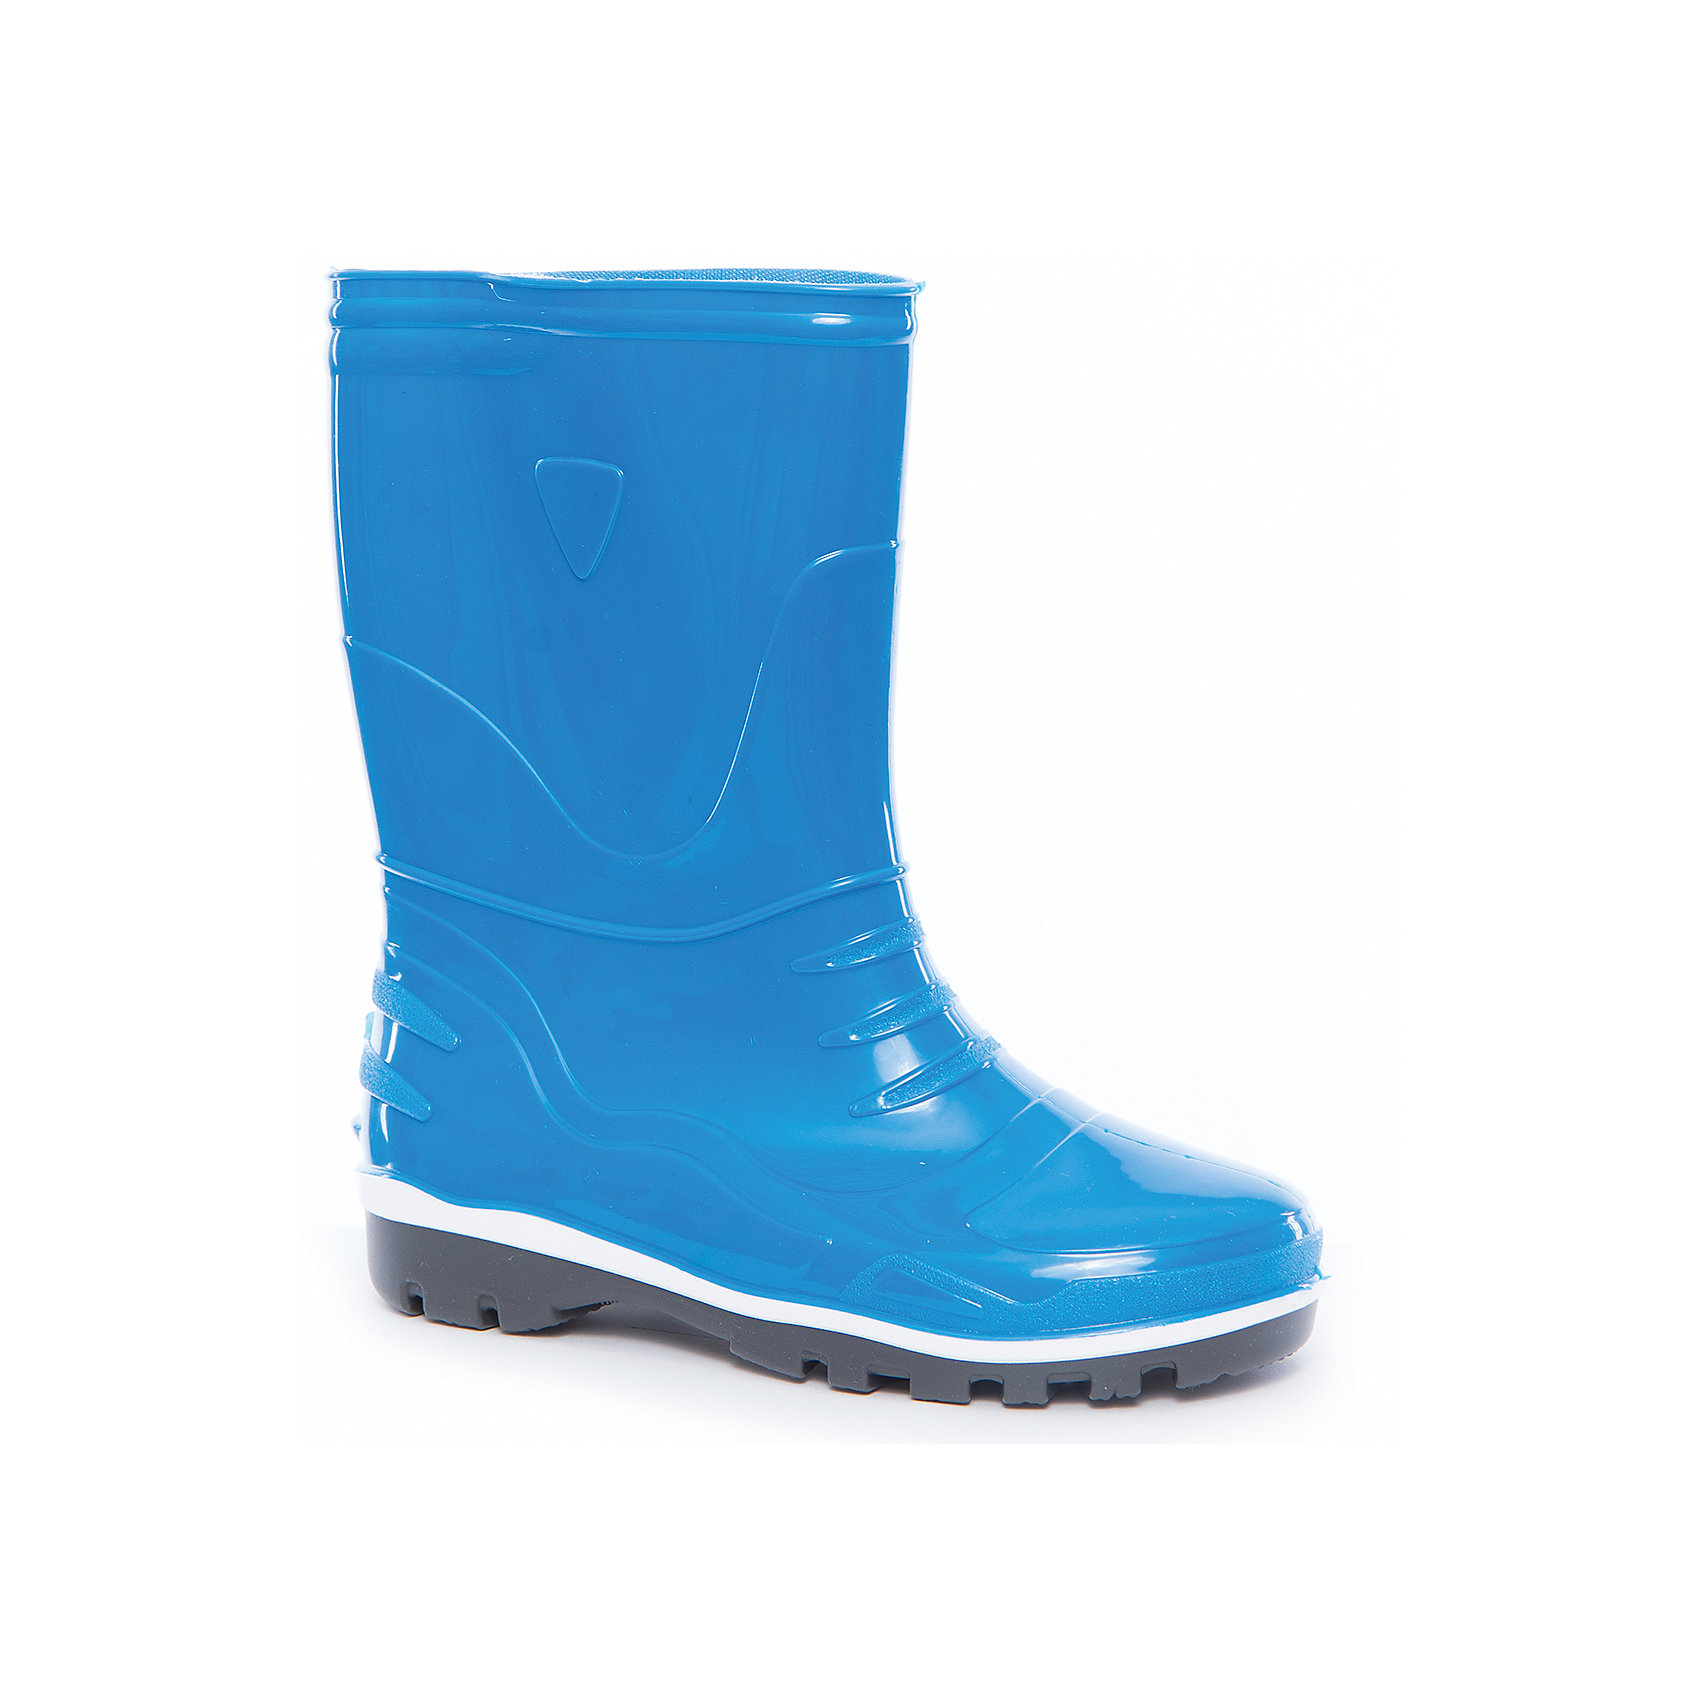 Резиновые сапоги NordmanРезиновые сапоги<br>Характеристики товара:<br><br>• цвет: голубой<br>• внешний материал: ПВХ (PVC)<br>• внутренний материал: текстиль<br>• стелька: текстиль<br>• подошва: резина<br>• температурный режим: от +5°С до +20°С<br>• голенище средней высоты<br>• лёгкие<br>• без принта<br>• рельефная толстая подошва<br>• устойчивые<br>• не промокают<br>• страна бренда: Российская Федерация<br>• страна изготовитель: Российская Федерация<br><br>Когда на улице сыро, резиновые сапоги - необходимый атрибут для ребенка. Эта модель отличается удобной формой и устойчивой толстой подошвой - так ноги точно останутся в сухости и тепле. Отличный вариант качественной обуви от отечественного производителя!<br><br>Резиновые сапоги от российского бренда Nordman (Нордман) можно купить в нашем интернет-магазине.<br><br>Ширина мм: 237<br>Глубина мм: 180<br>Высота мм: 152<br>Вес г: 438<br>Цвет: синий<br>Возраст от месяцев: 72<br>Возраст до месяцев: 84<br>Пол: Мужской<br>Возраст: Детский<br>Размер: 30,35,29,31,34,23,24,26,27,33<br>SKU: 5436655